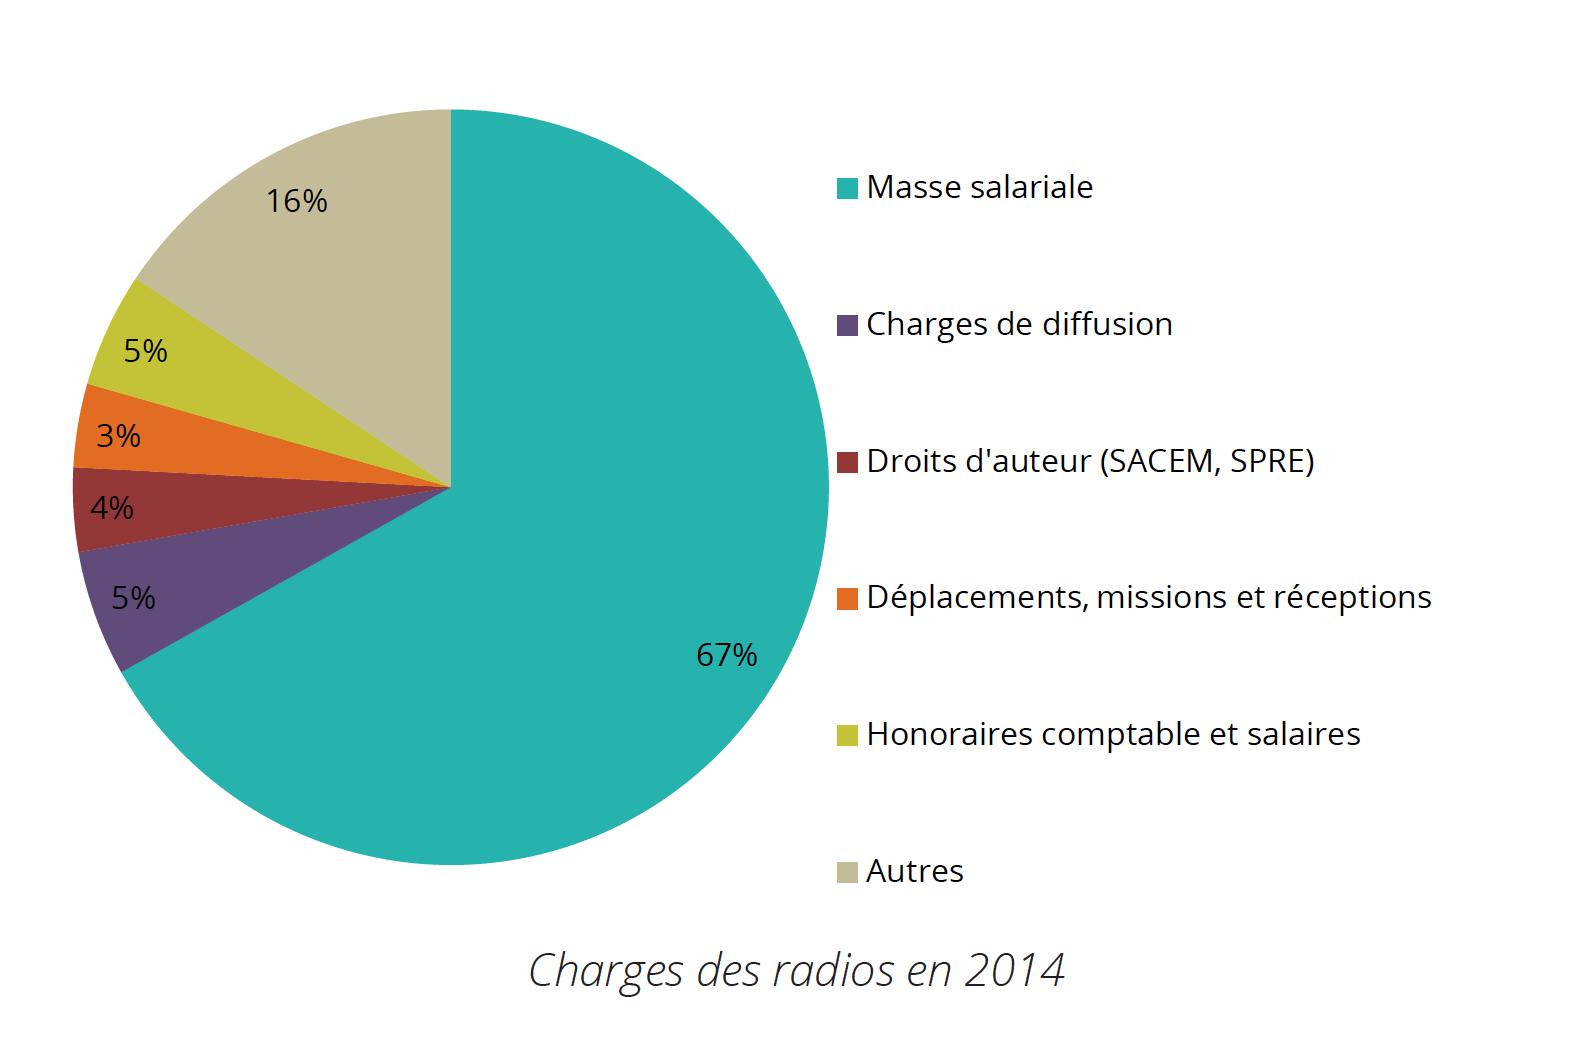 Les salaires représentent la principale source de dépenses pour les radios associatives : 68% de leur budget à 2 037 369€. La masse salariale totale a augmenté de +26%, par rapport à 2013 (1 614 889 €) : il y a donc bien de nouveaux emplois créés et pas seulement un fractionnement du travail